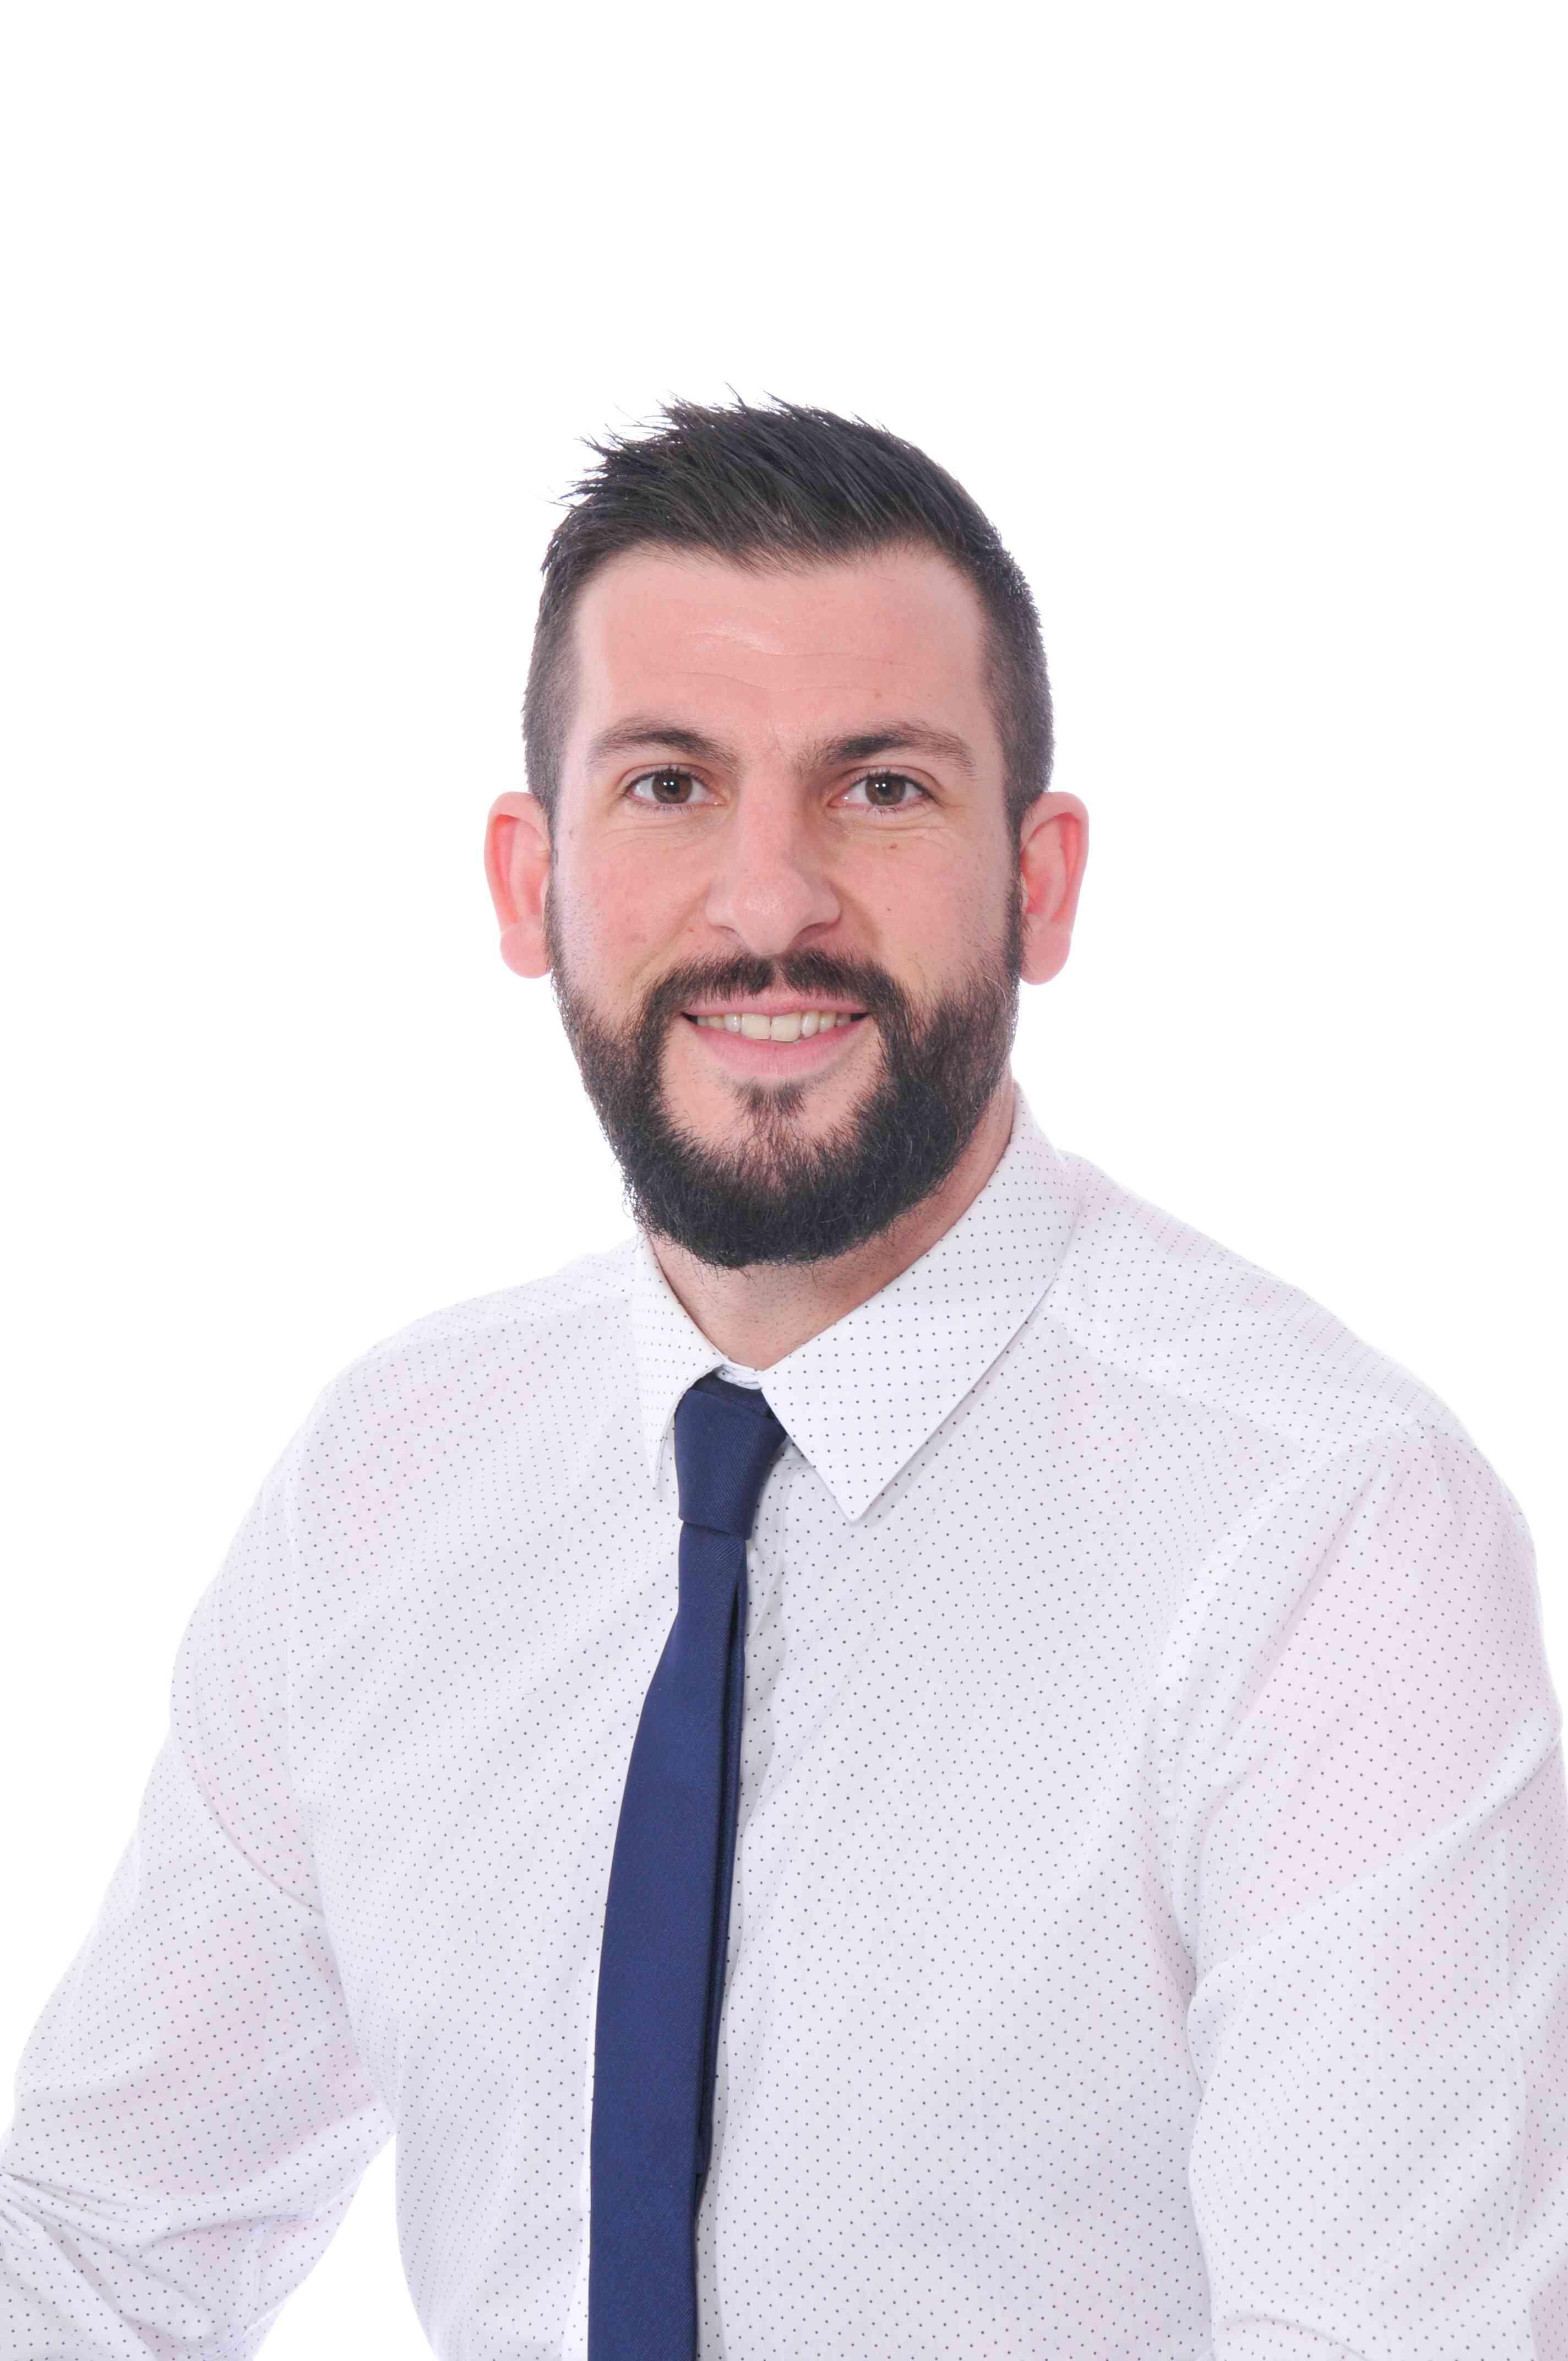 Mr Millard - Deputy Head of School